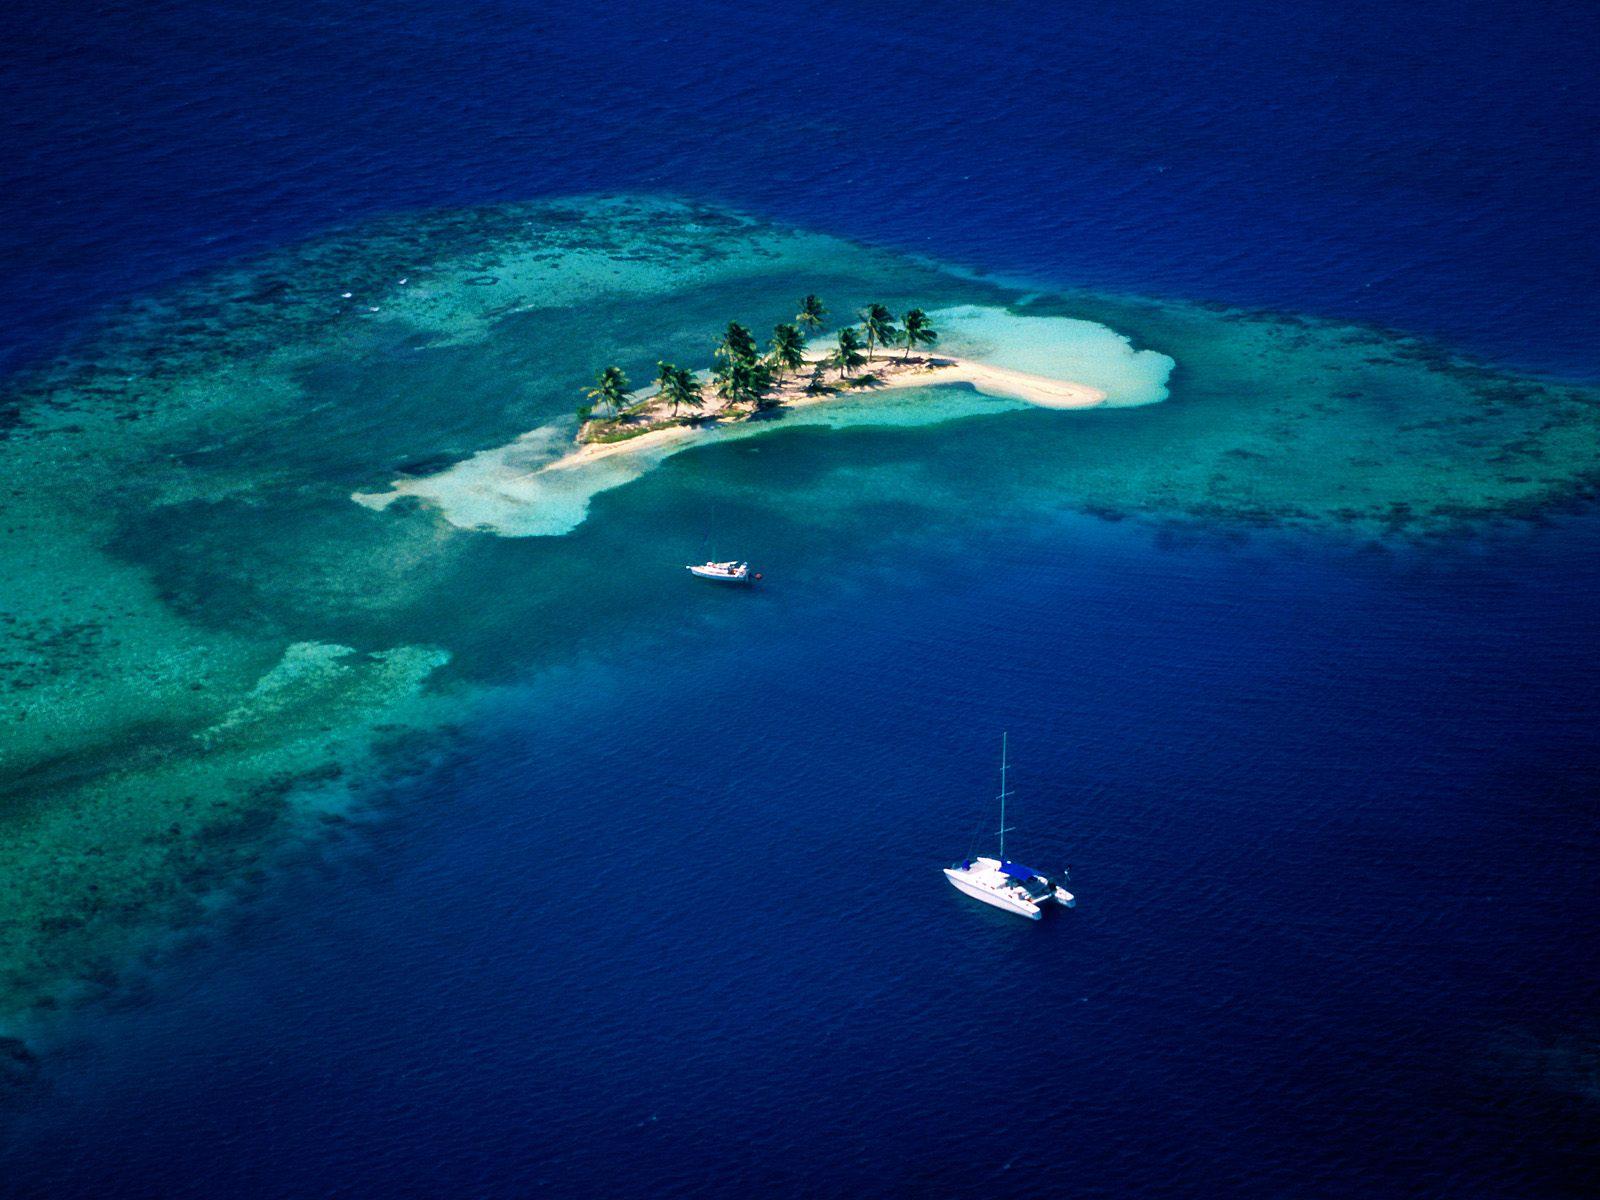 http://2.bp.blogspot.com/-rjEGr4ACWws/Tv3nfFcC3TI/AAAAAAAADZQ/nZmYVllhEQA/s1600/Goff%2527s+Caye%252C+Belize.jpg